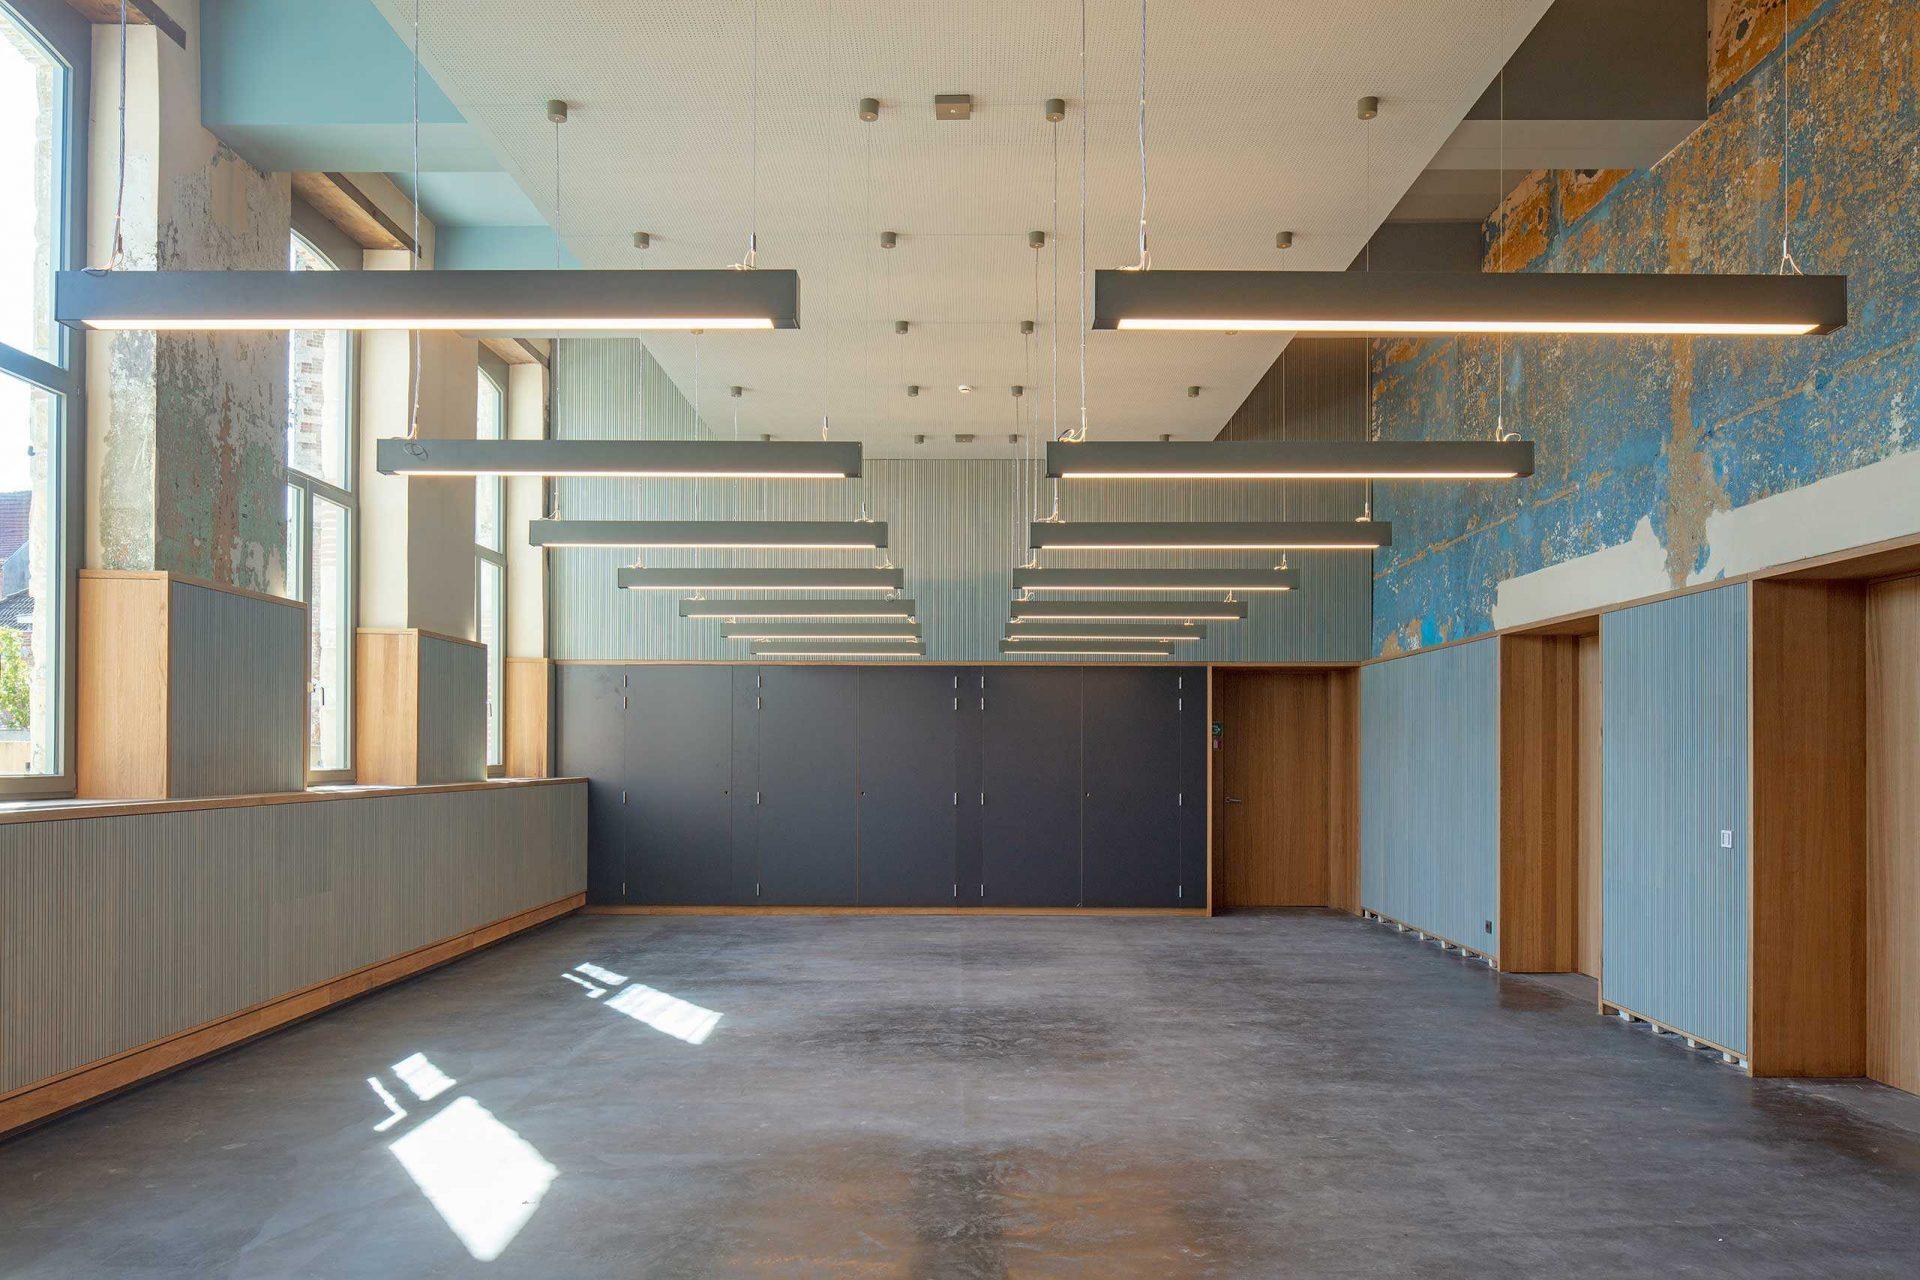 Mechelen Blauwe Kamer 2